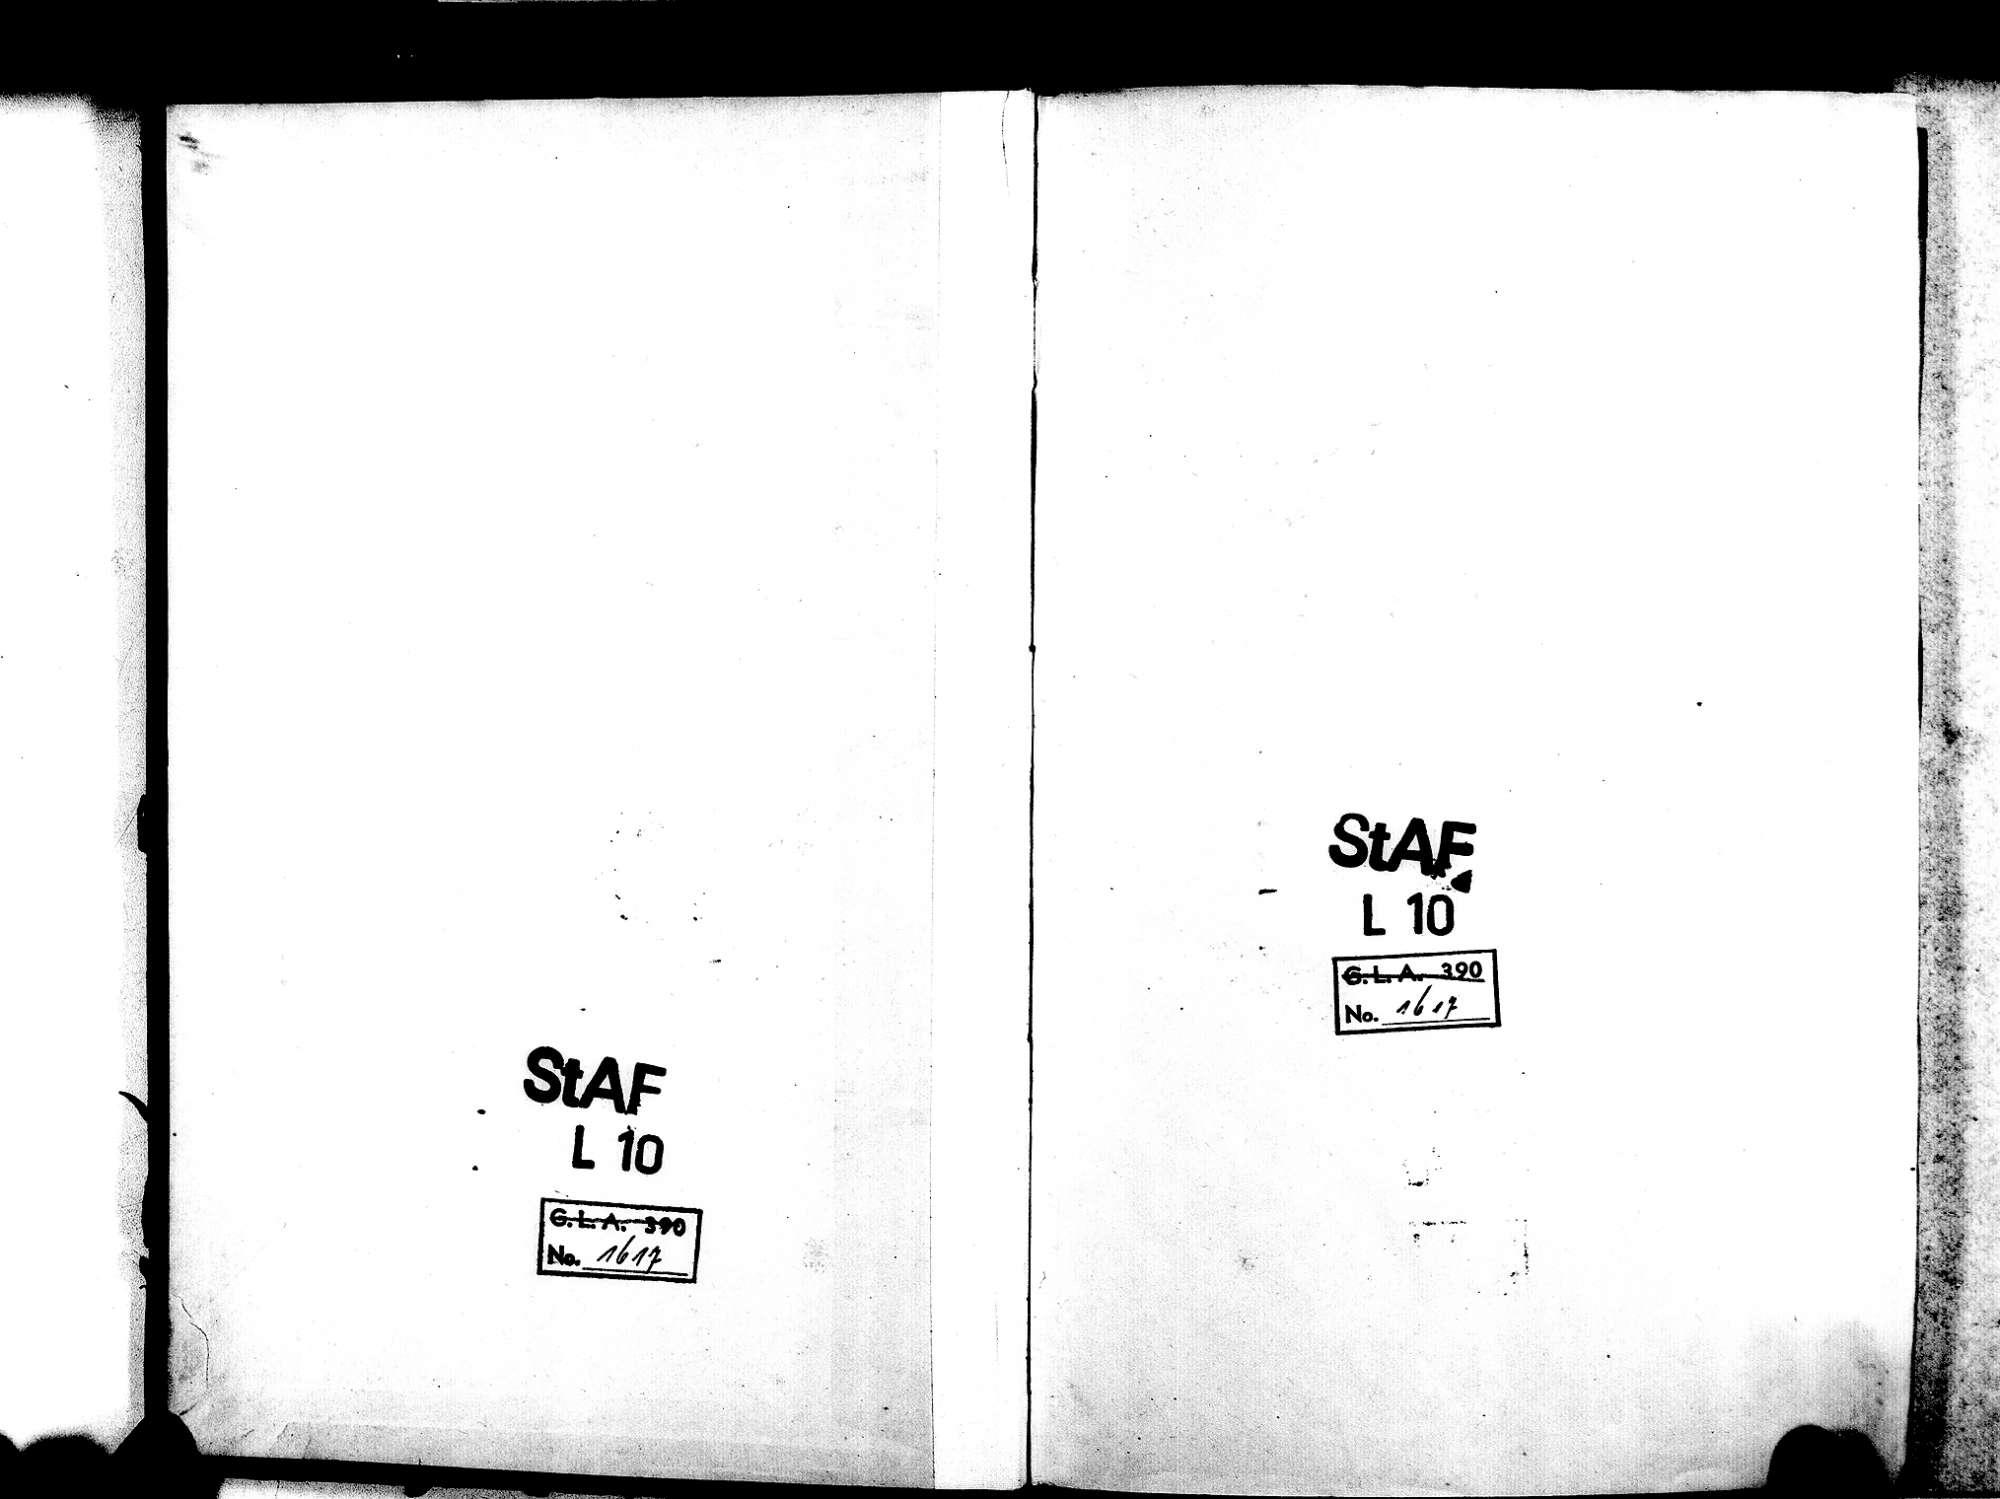 Berghaupten OG; Katholische Gemeinde: Standesbuch 1840-1854 Enthält: Einzelne Evangelische Einträge, Bild 2